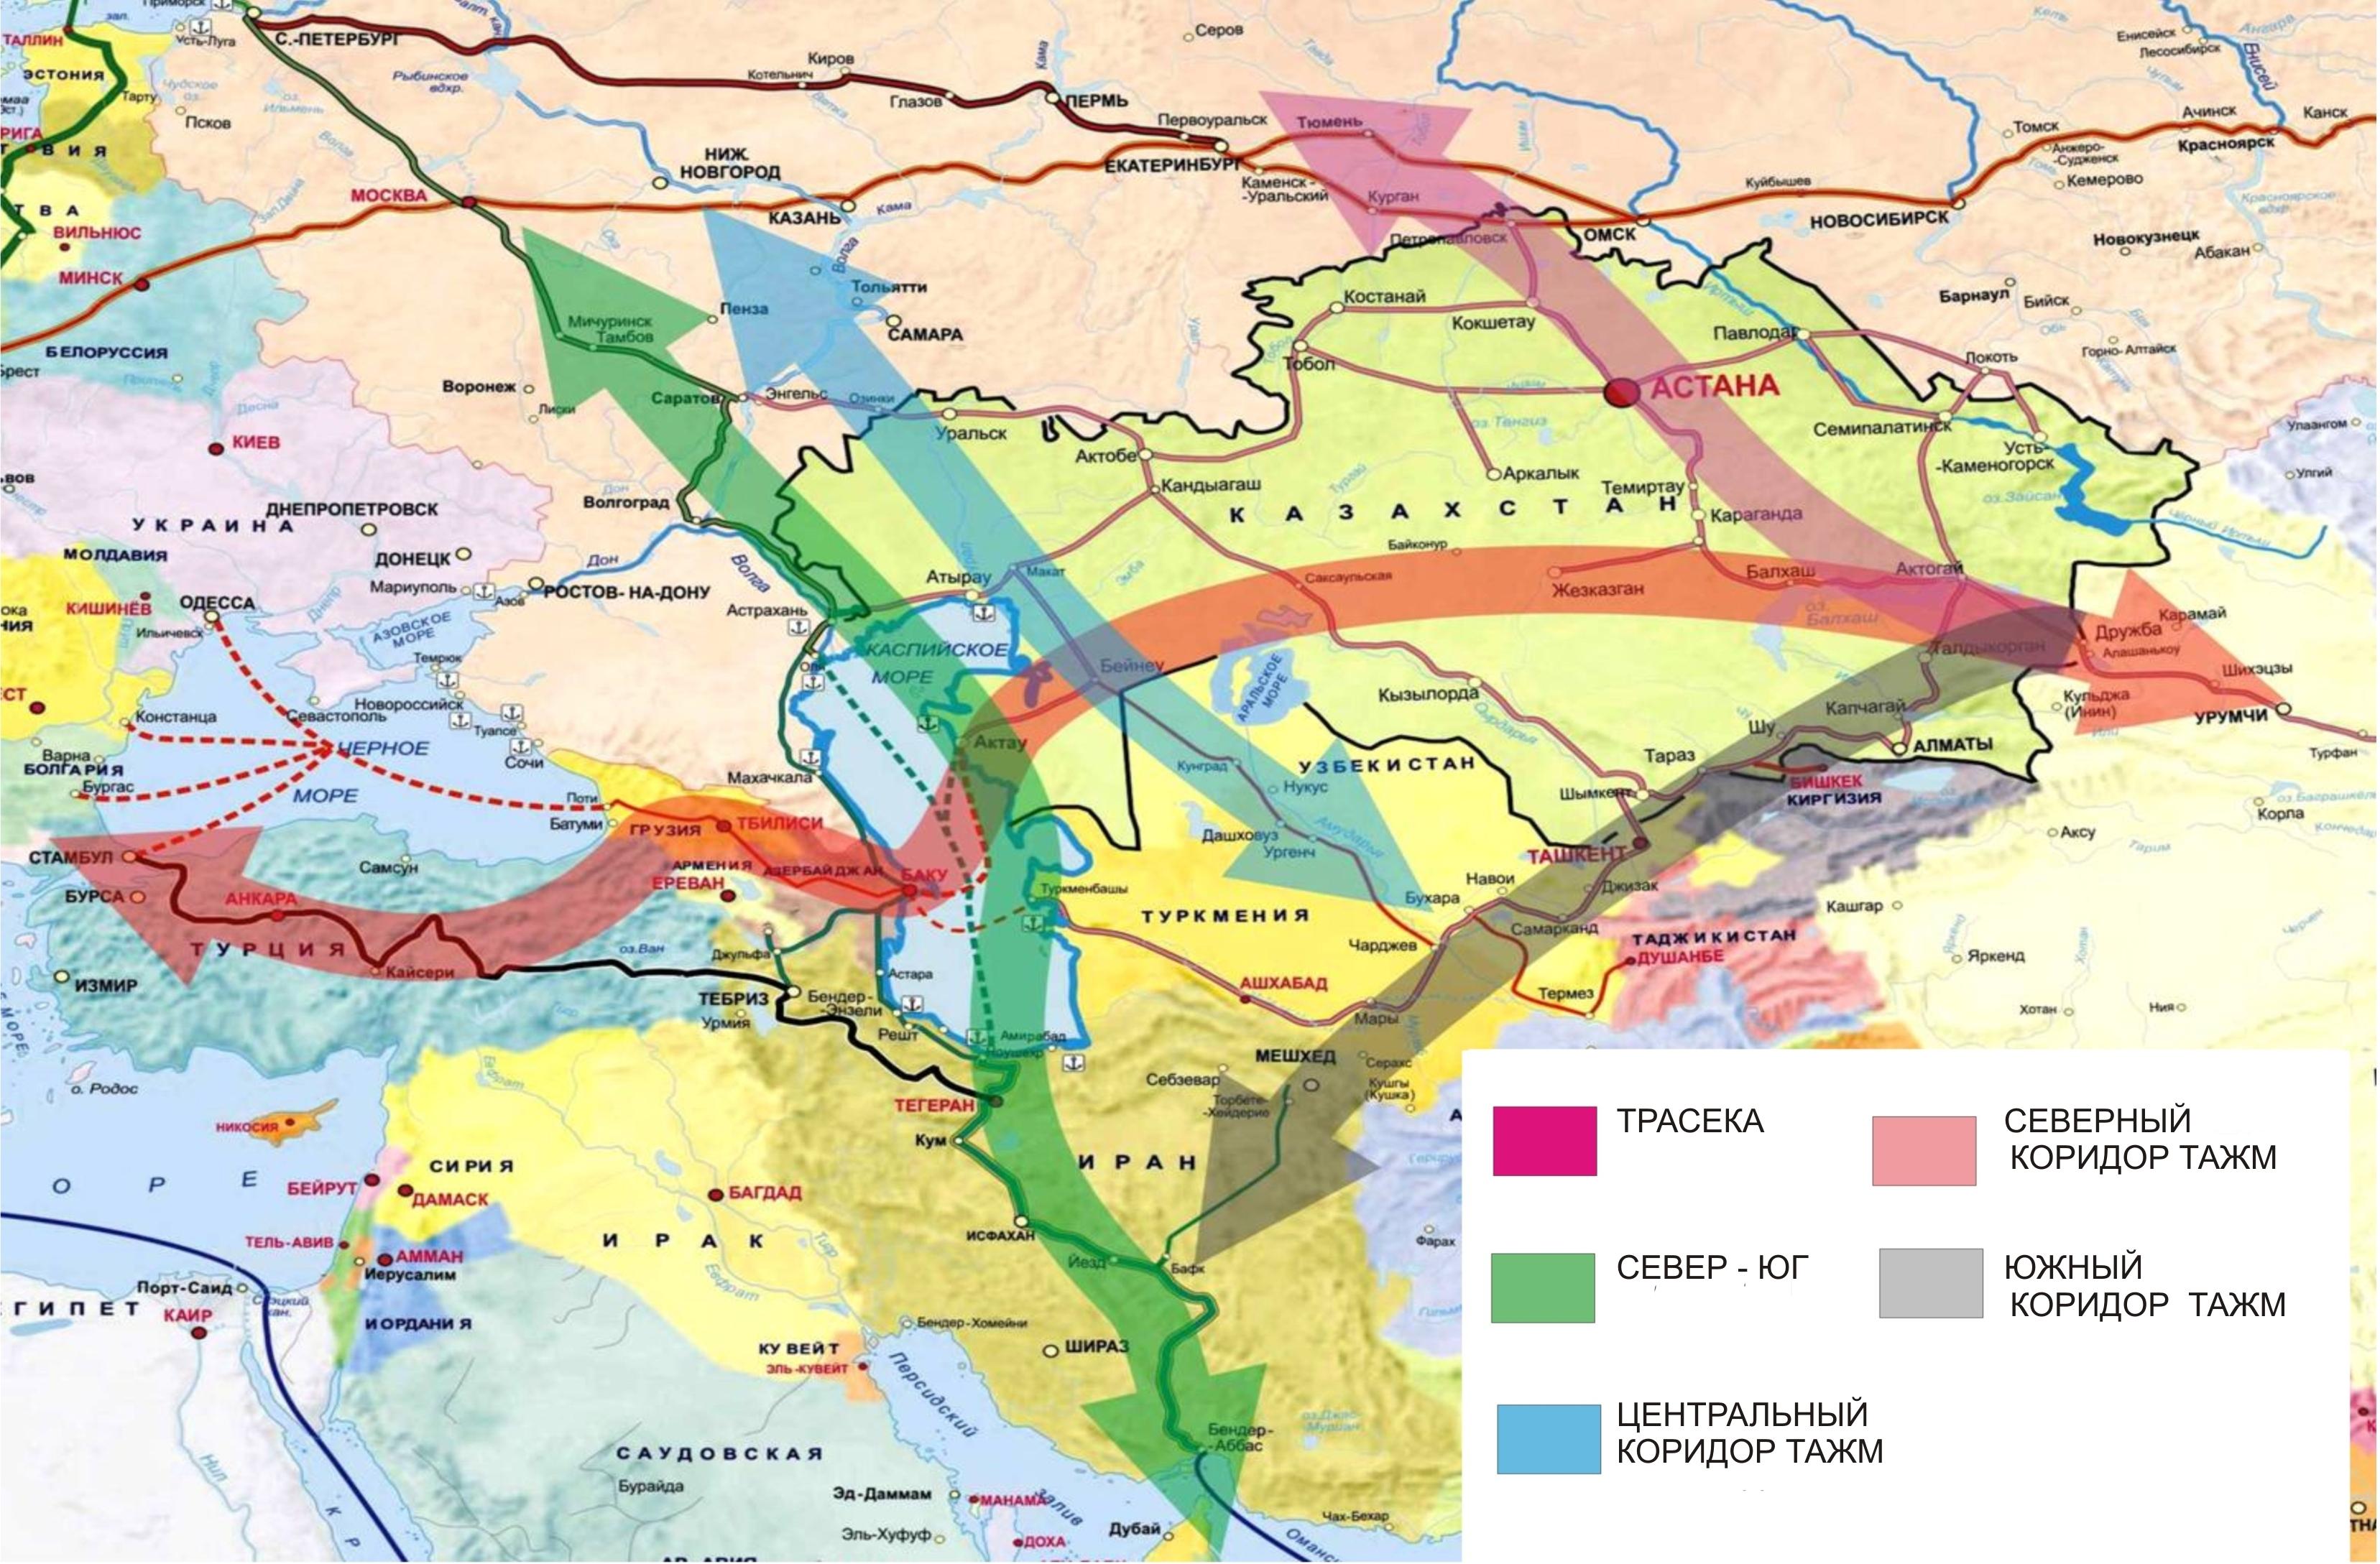 ТРАСЕКА // Министерство транспорта и коммуникаций Республики Казахстан